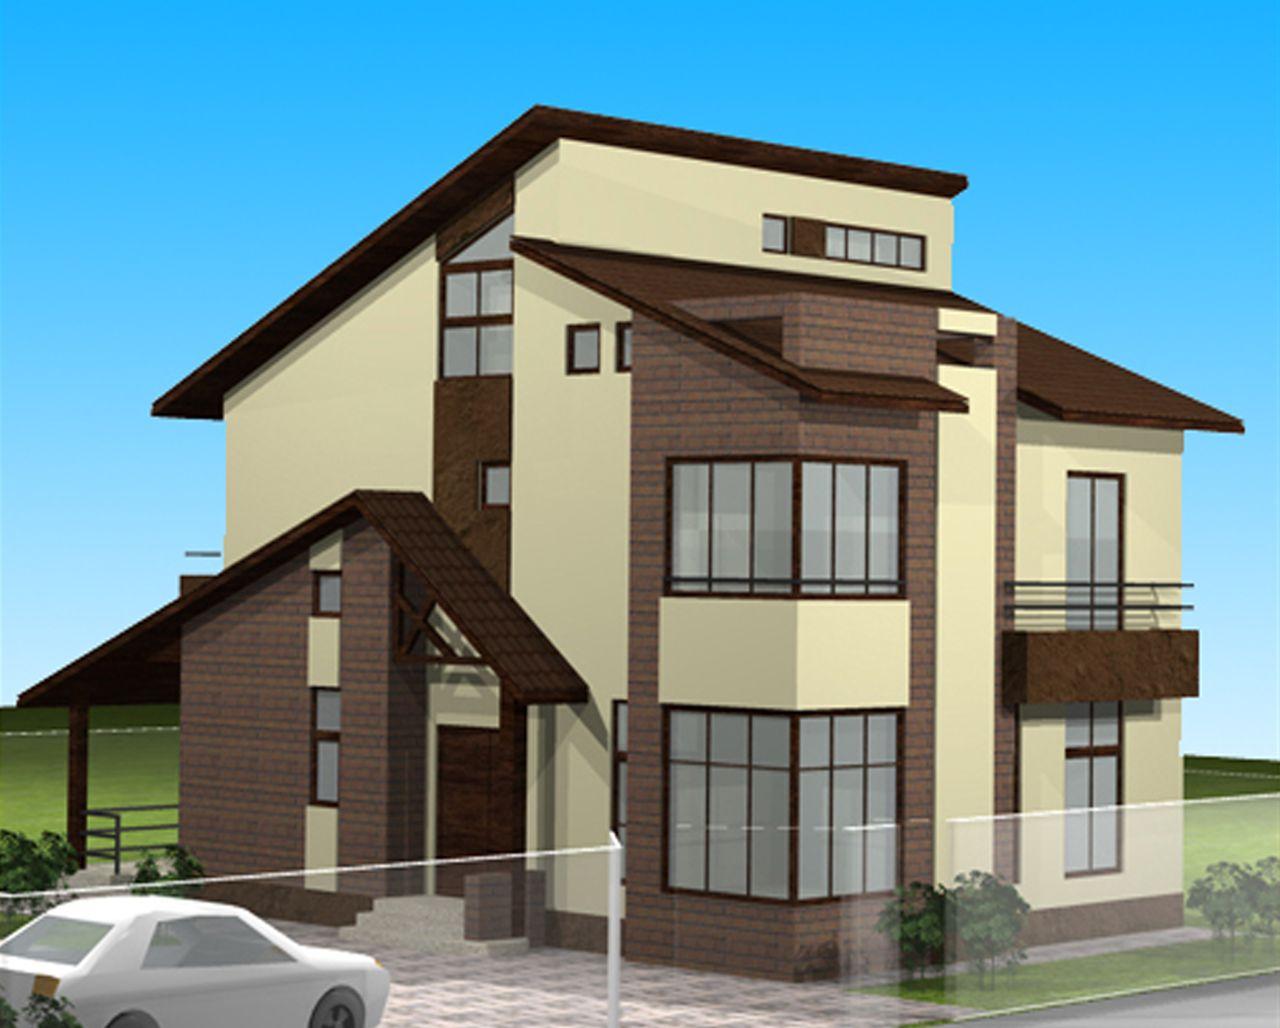 Casa ARGHIRESCU  - Poza 6